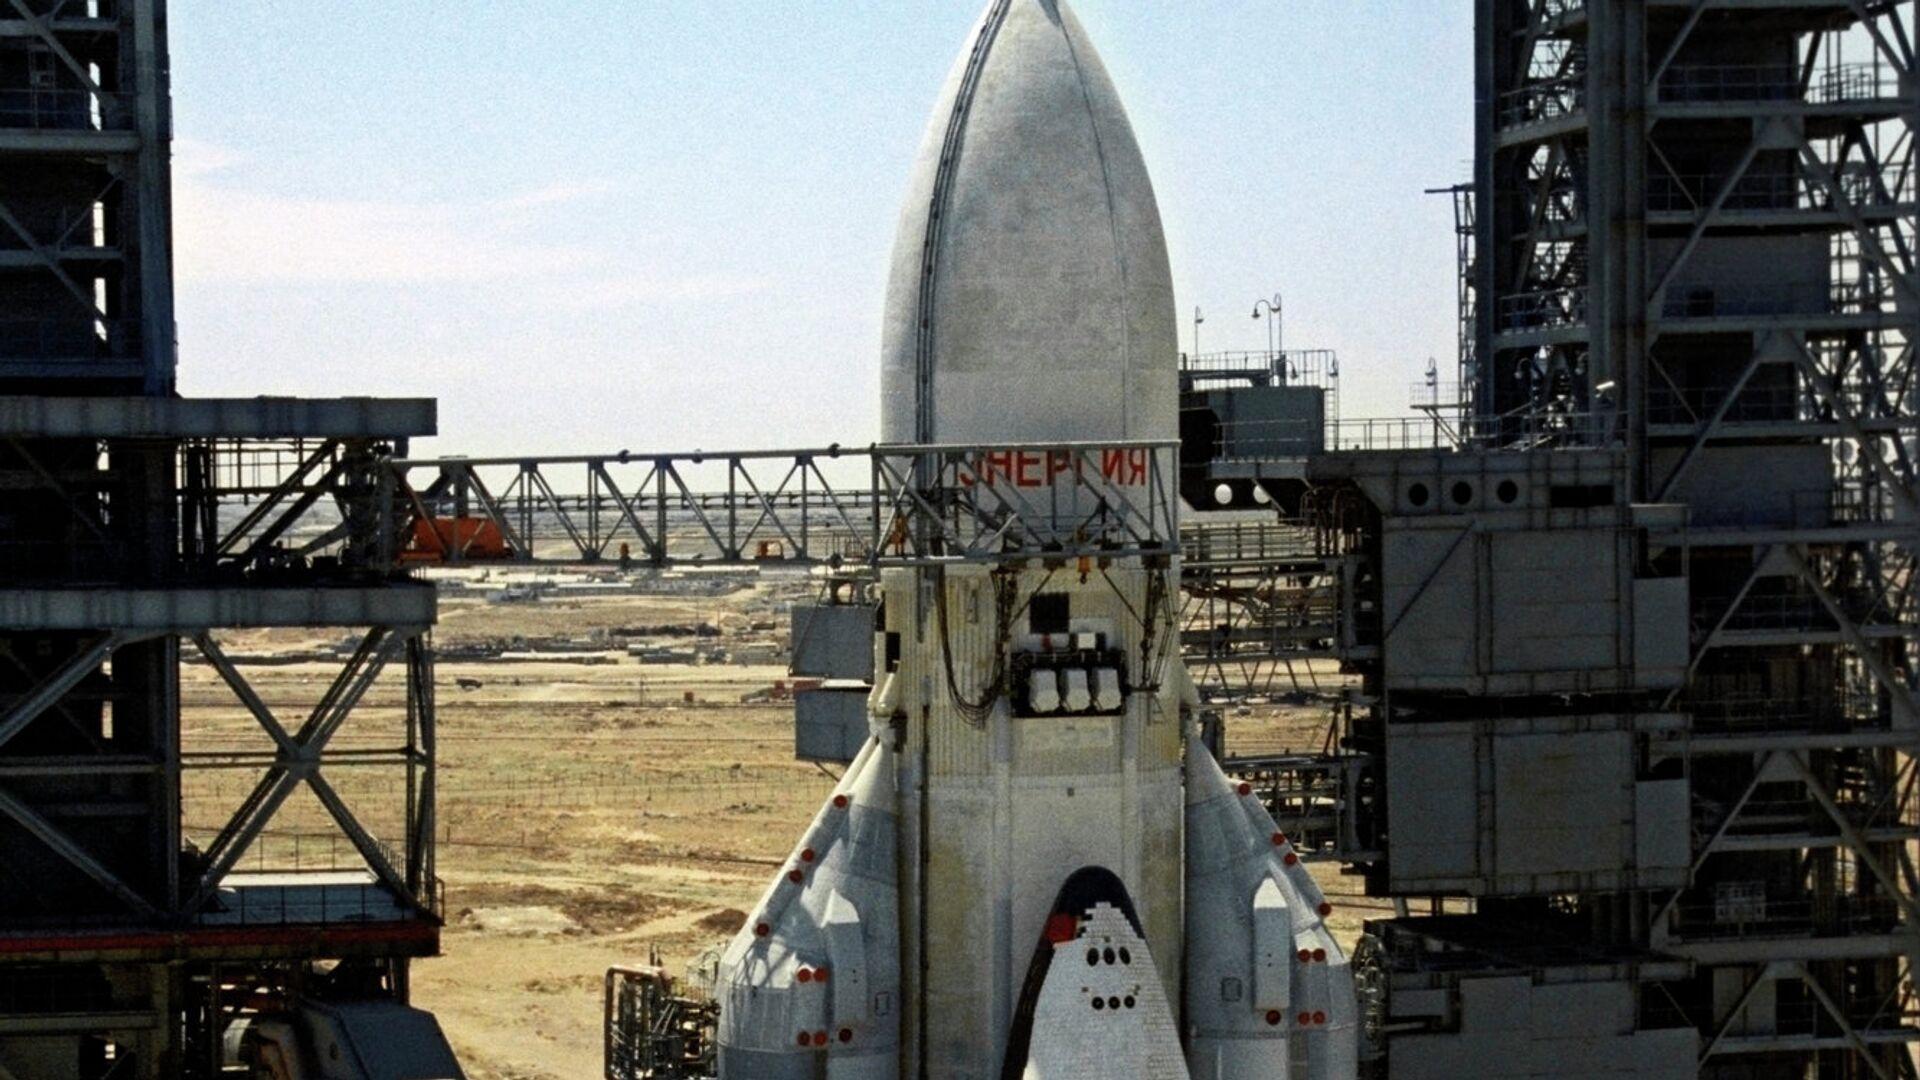 Ракетно-космическая транспортная система Энергия с кораблем Буран на стартовой площадке - РИА Новости, 1920, 09.09.2021